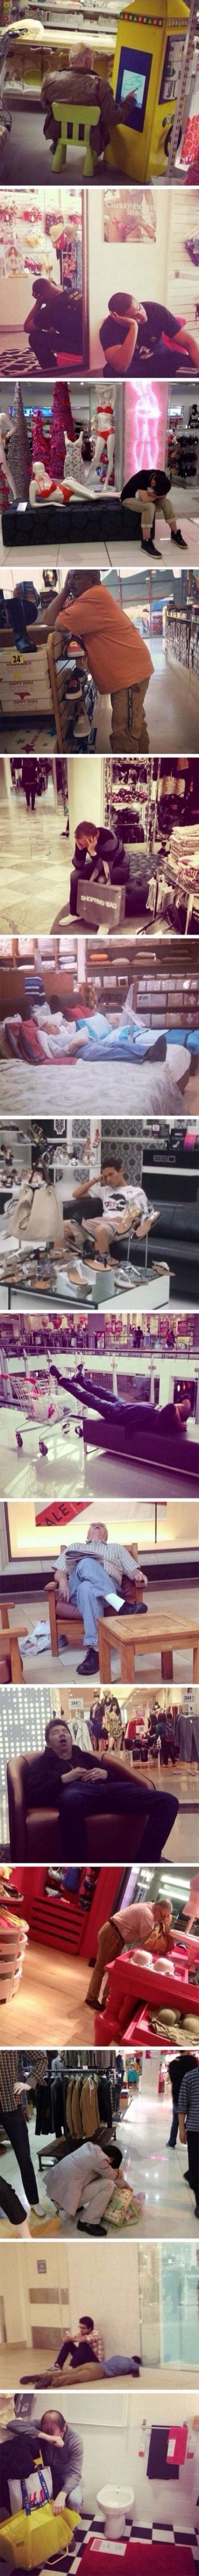 Muži čakajúci na svoje ženy na nákupe 1